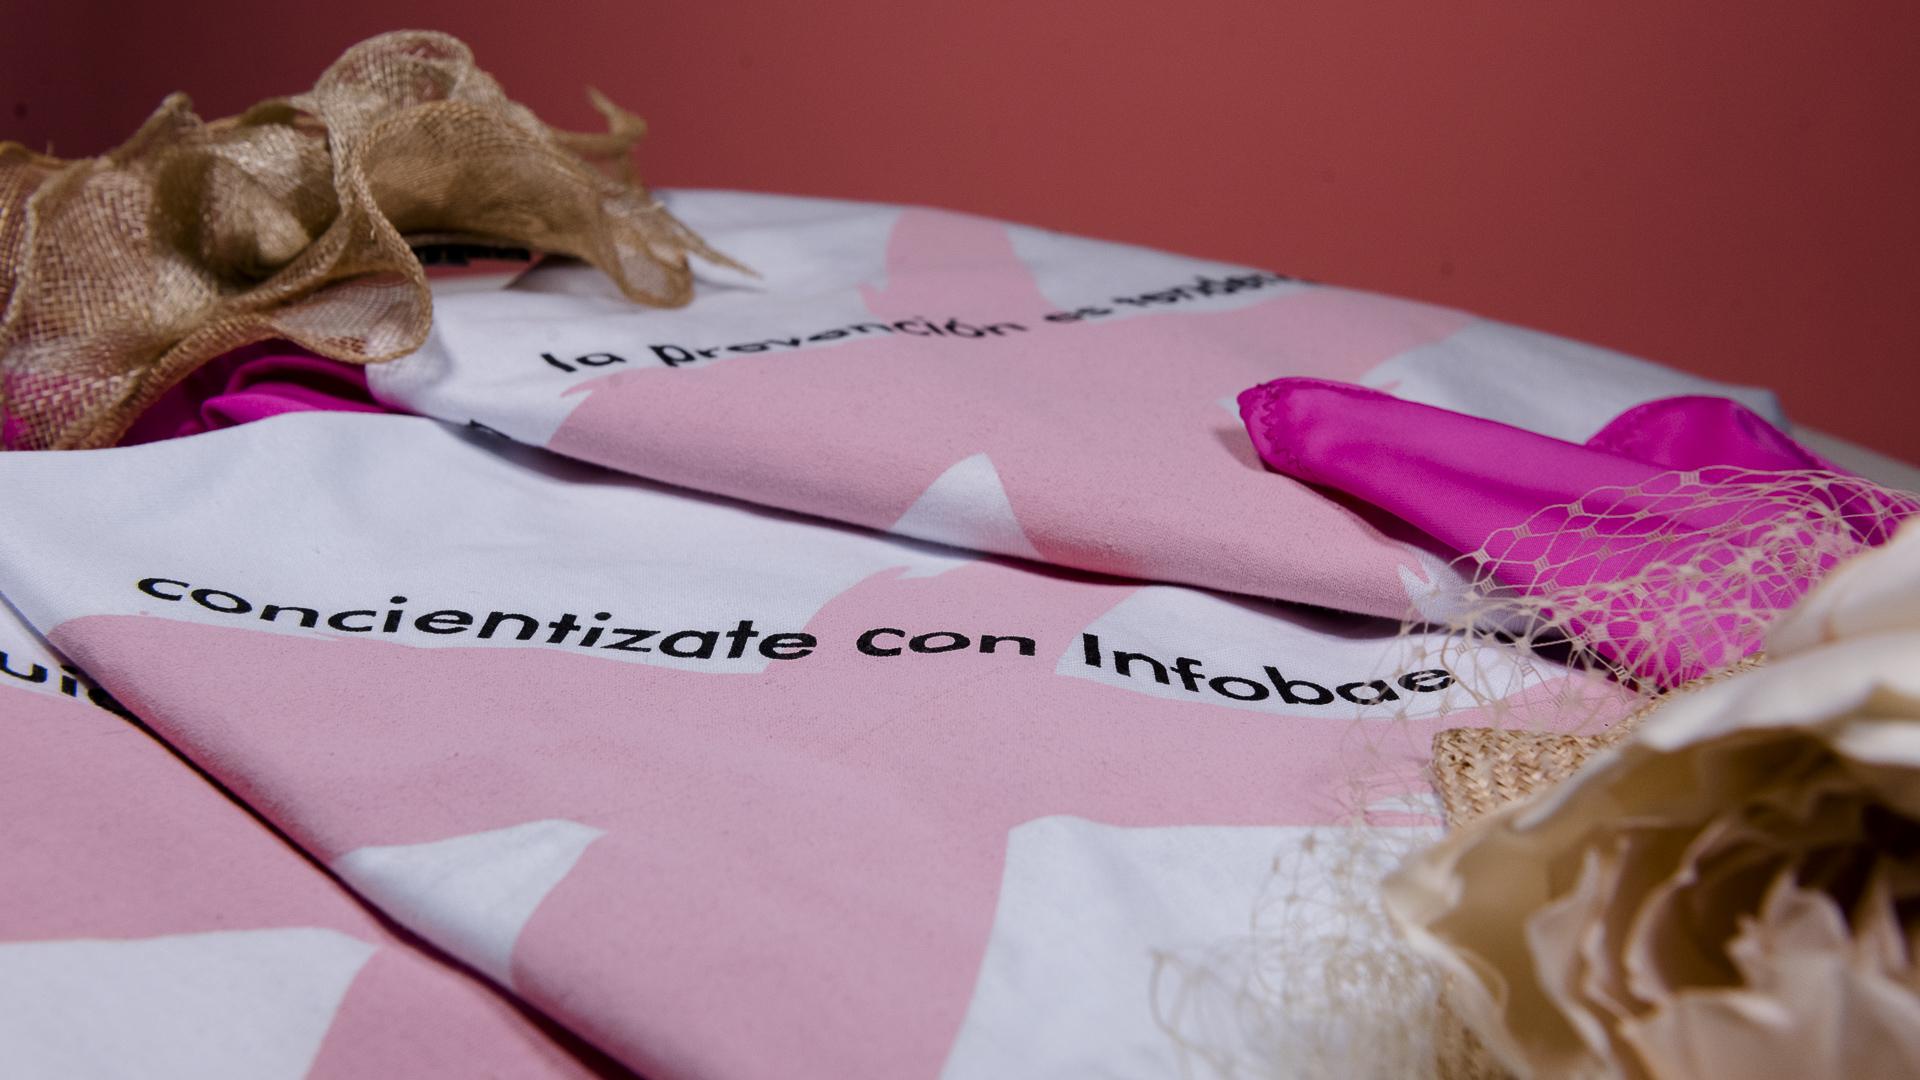 El lazo rosa es uno de los símbolos más representativos en la lucha contra el cáncer de mama, que simboliza a nivel internacional el compromiso y la concientización de esta enfermedad